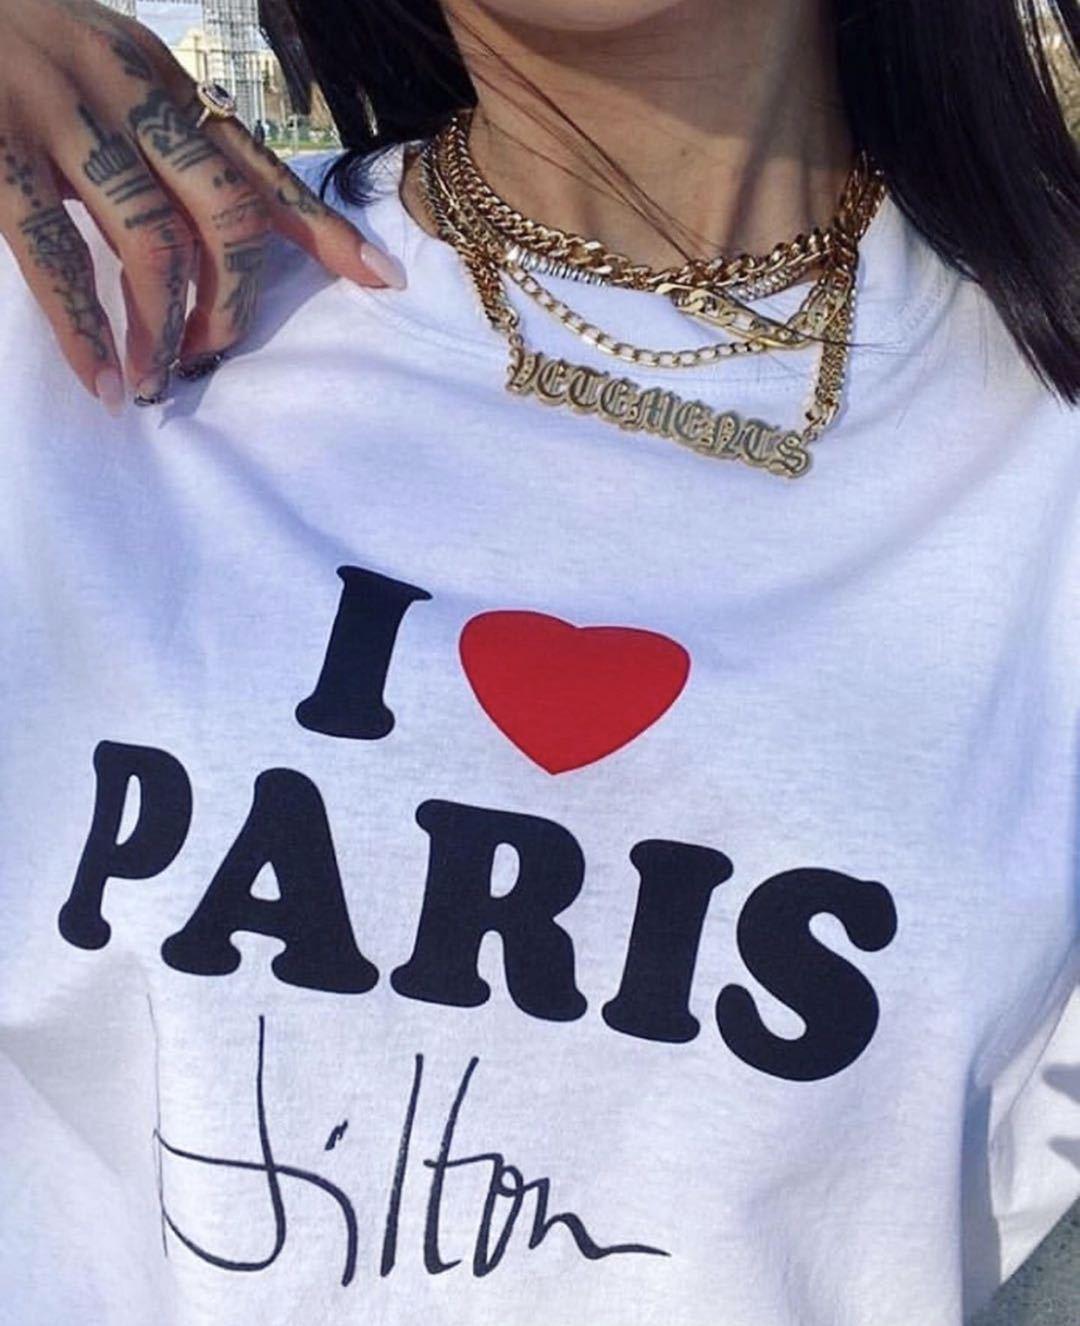 Hommes Designer T-shirt Love Letters Imprimé VETEMENTS rue Tide hommes et femmes 2020 été en vrac à manches courtes T-shirt talonnage T-shirt